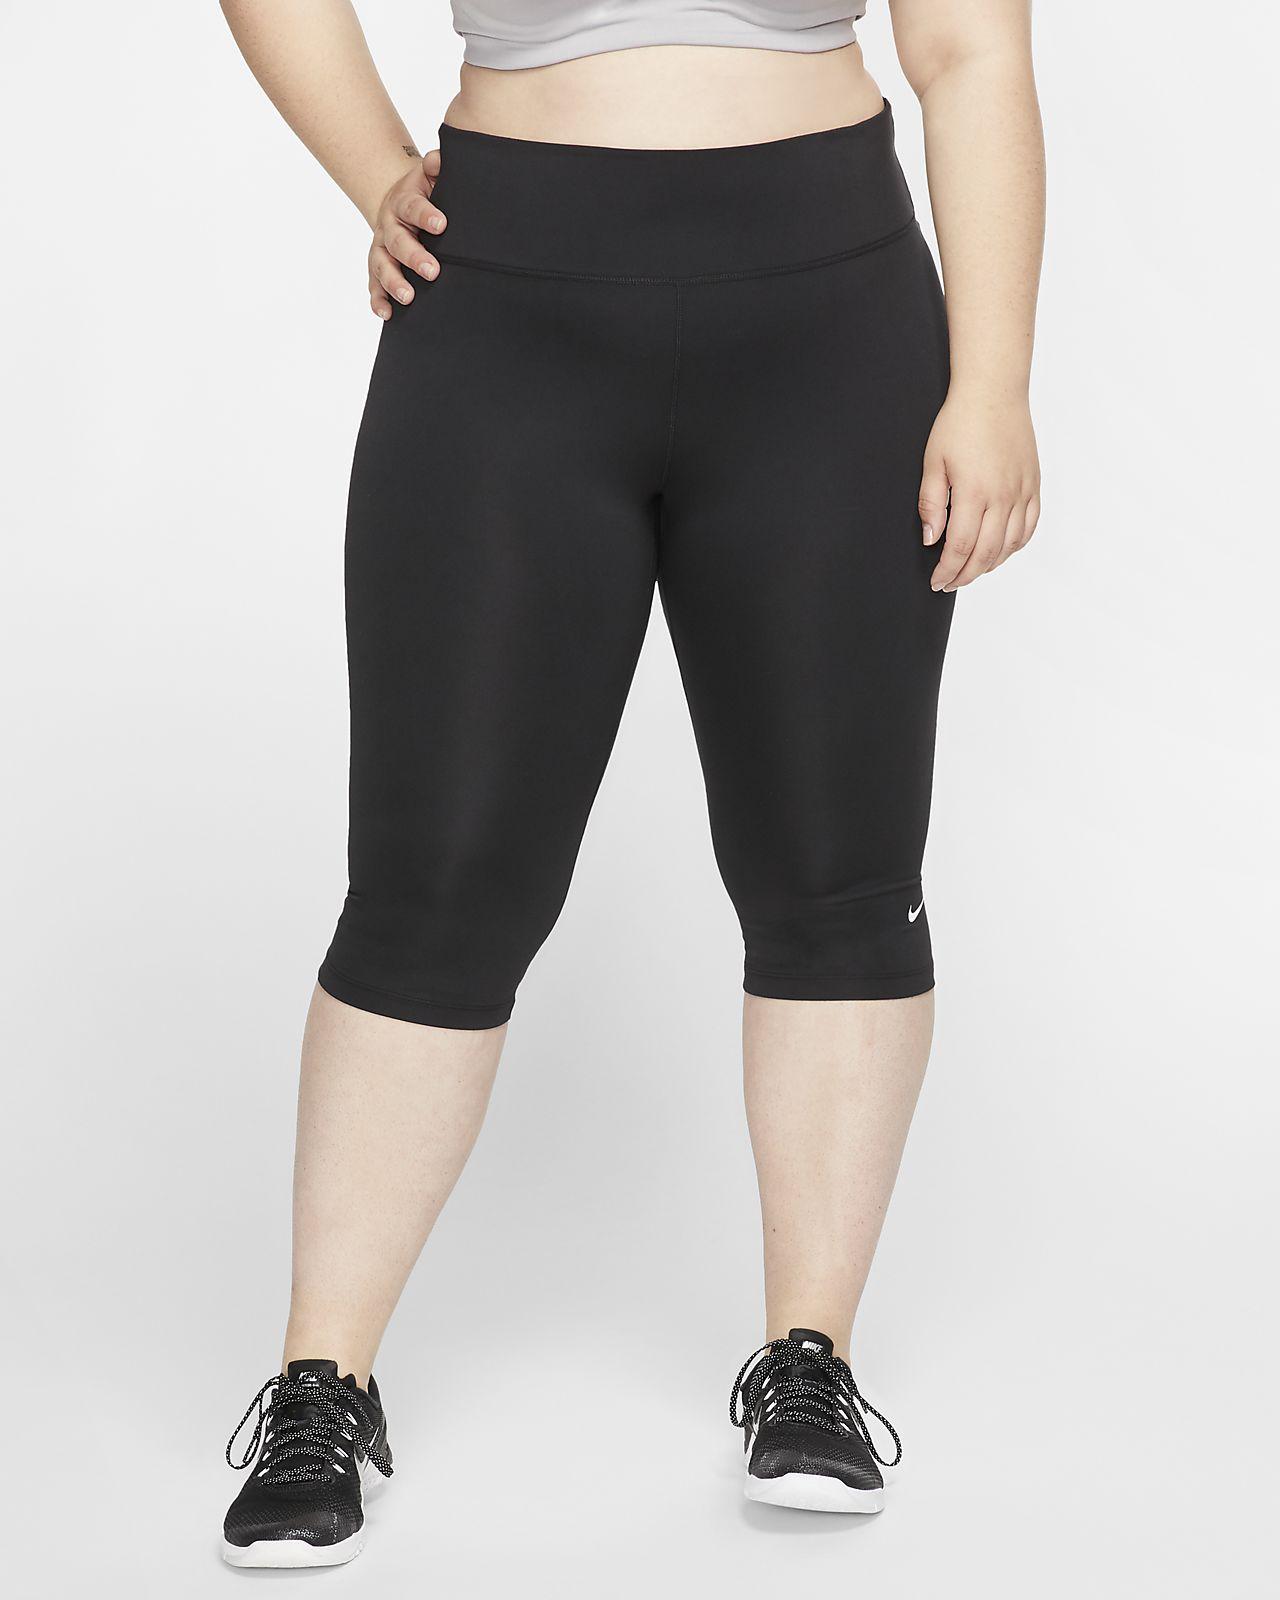 Nike One Kadın Kaprisi (Büyük Beden)